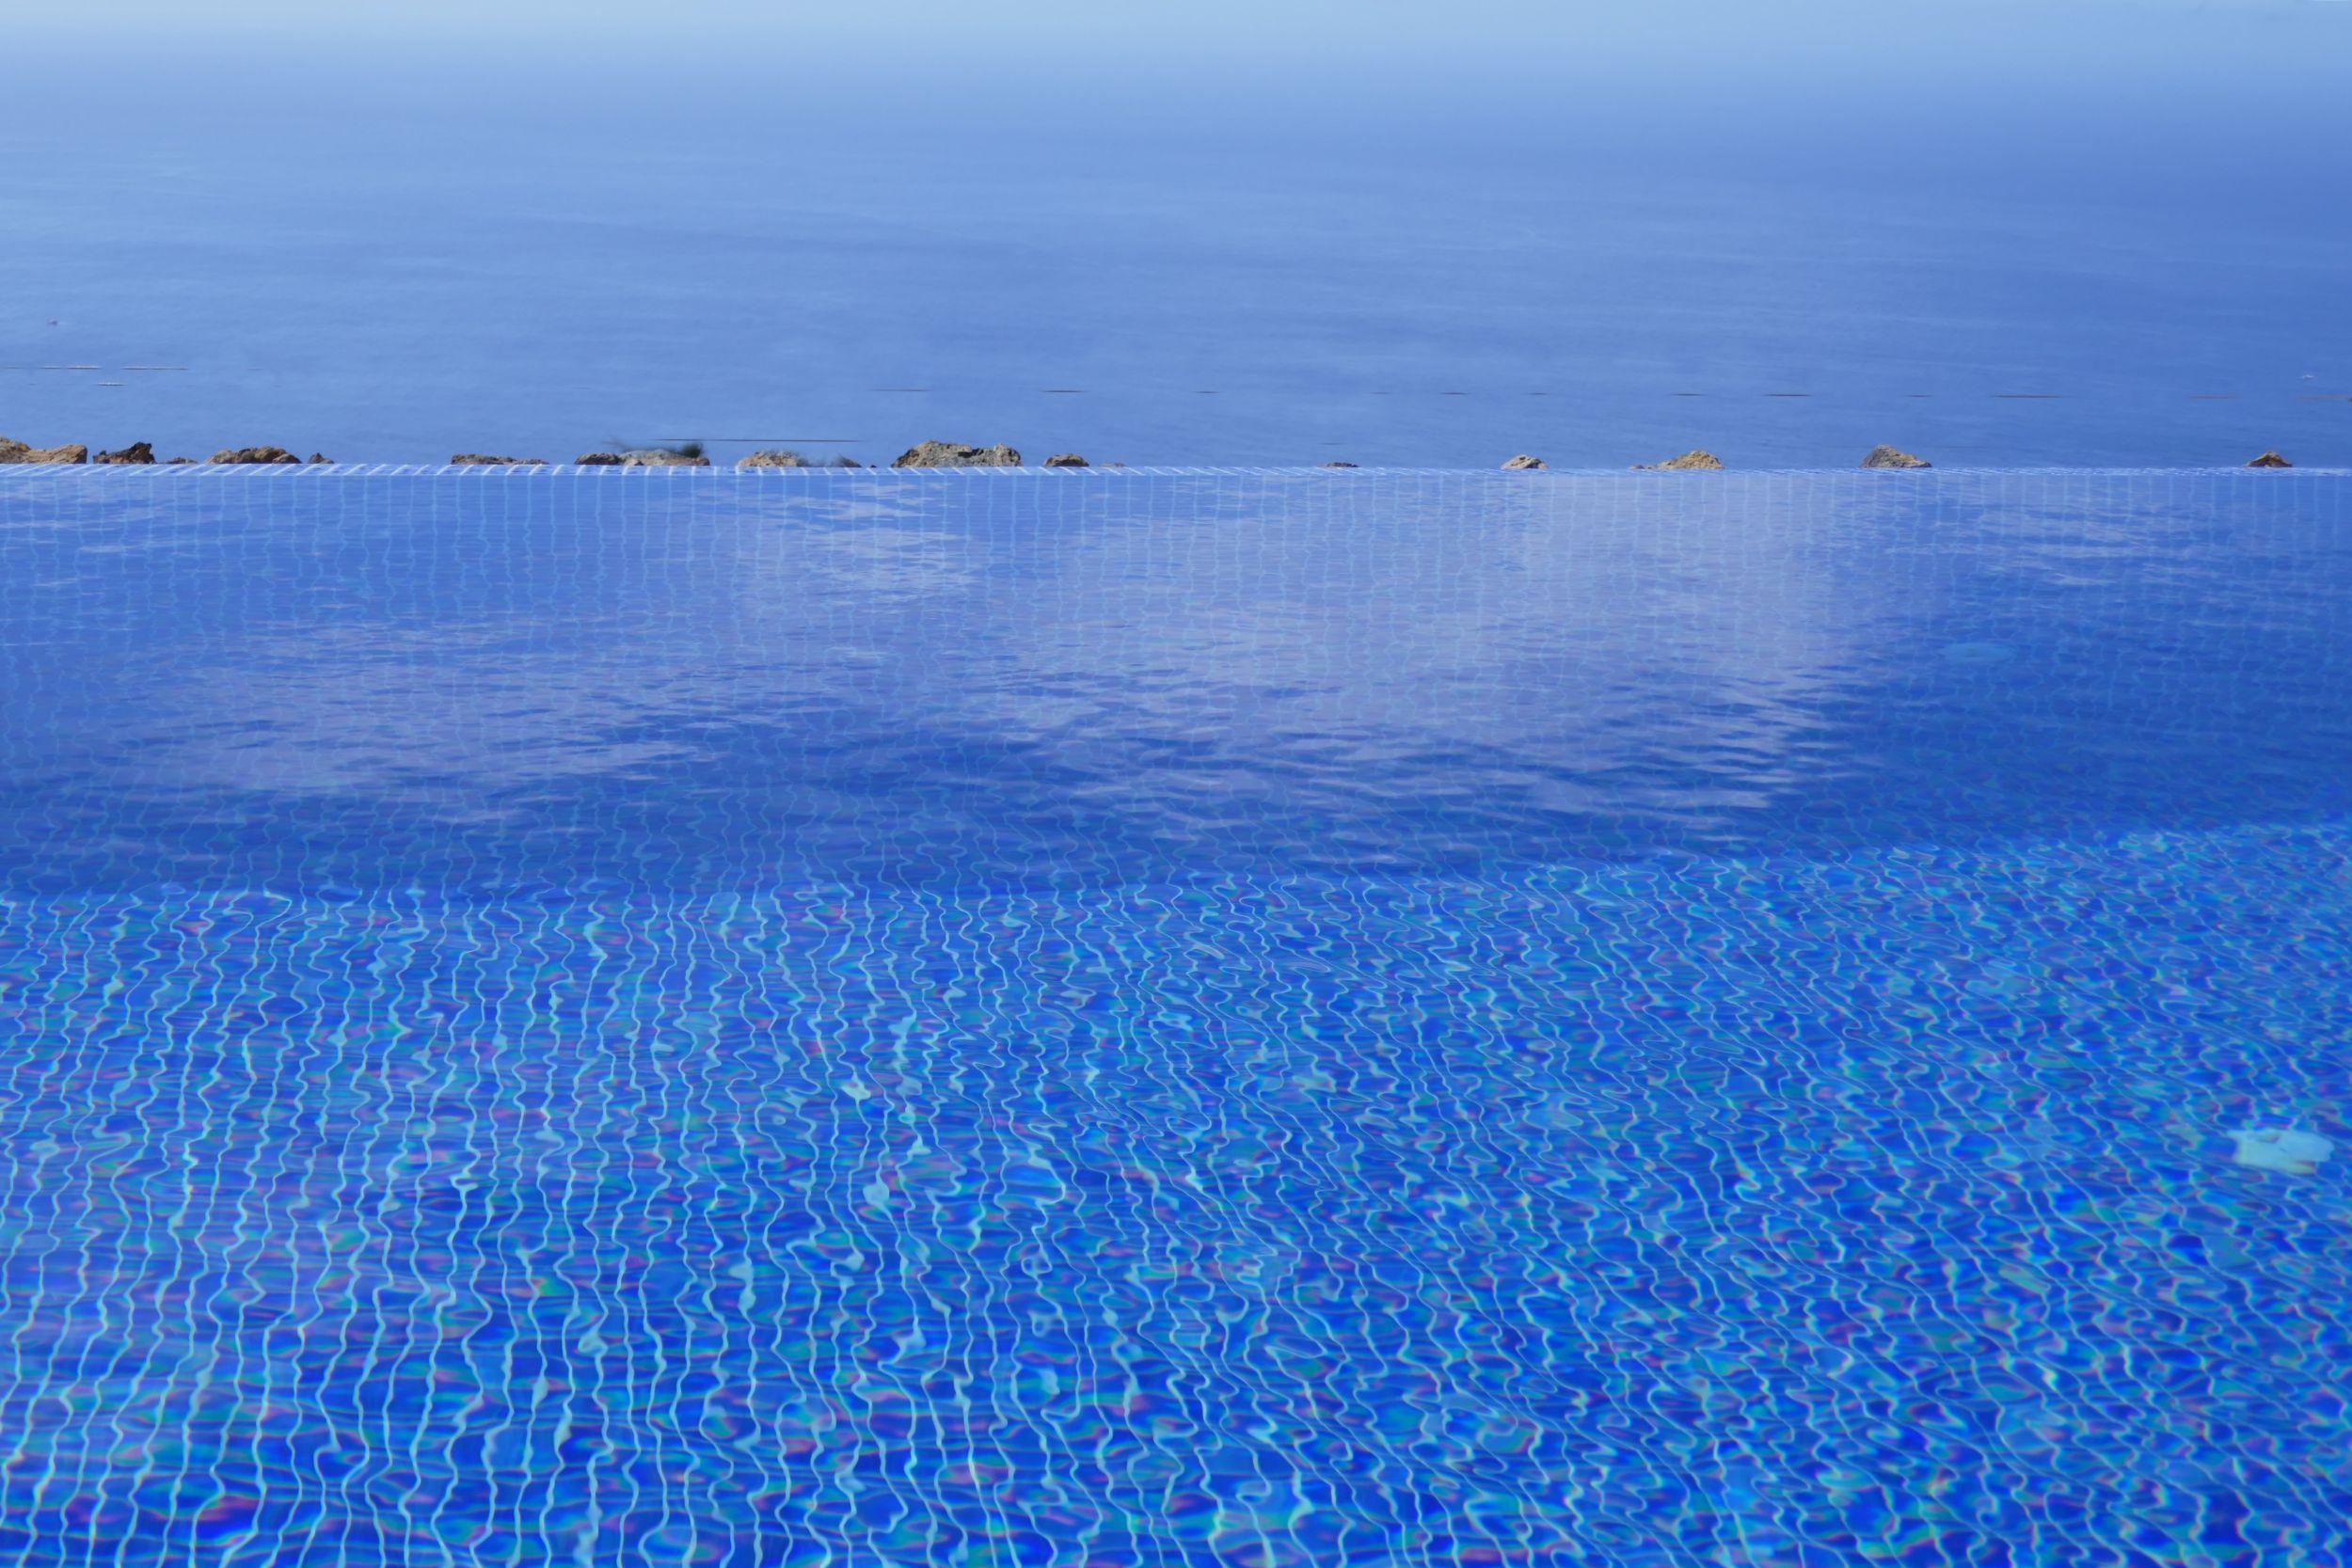 Zwembad en Atlantische Oceaan.